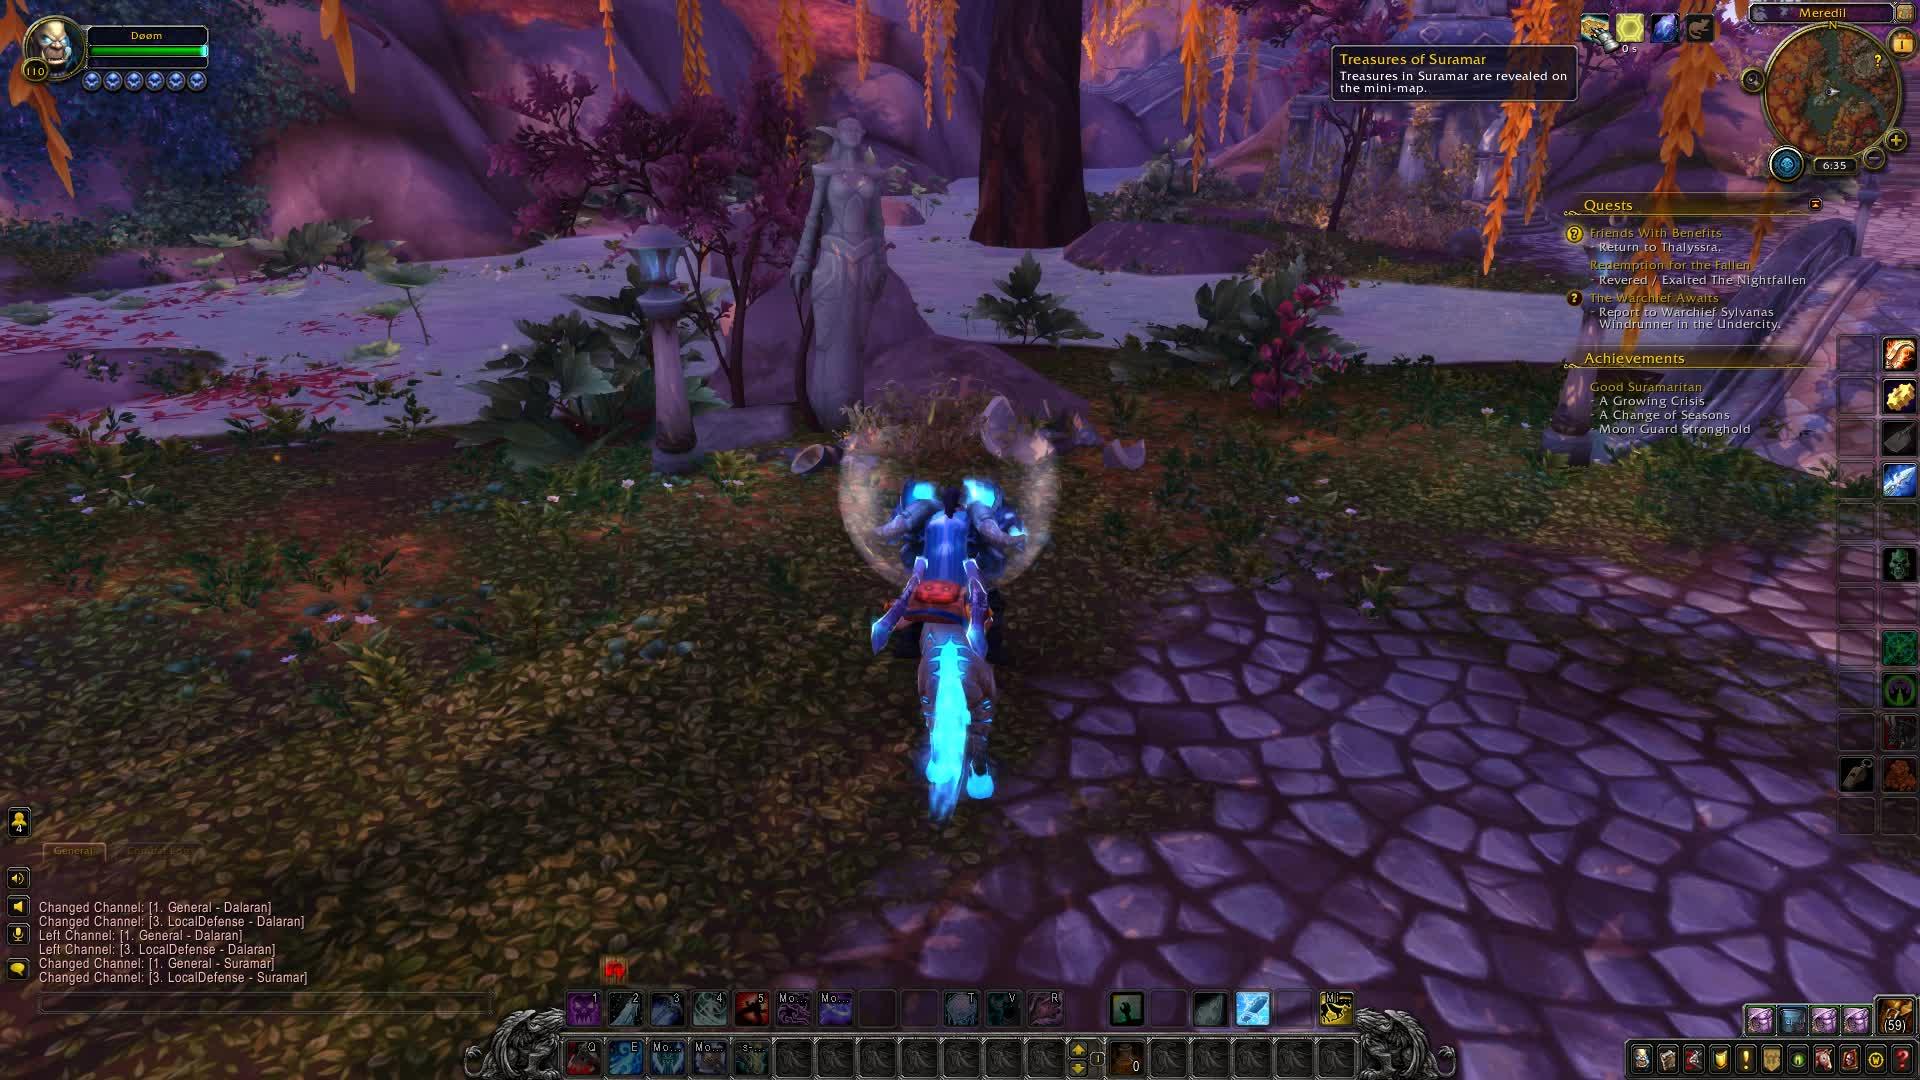 World Of Warcraft 2018 08 01 18 35 54 04 Dvr Gif Find Make